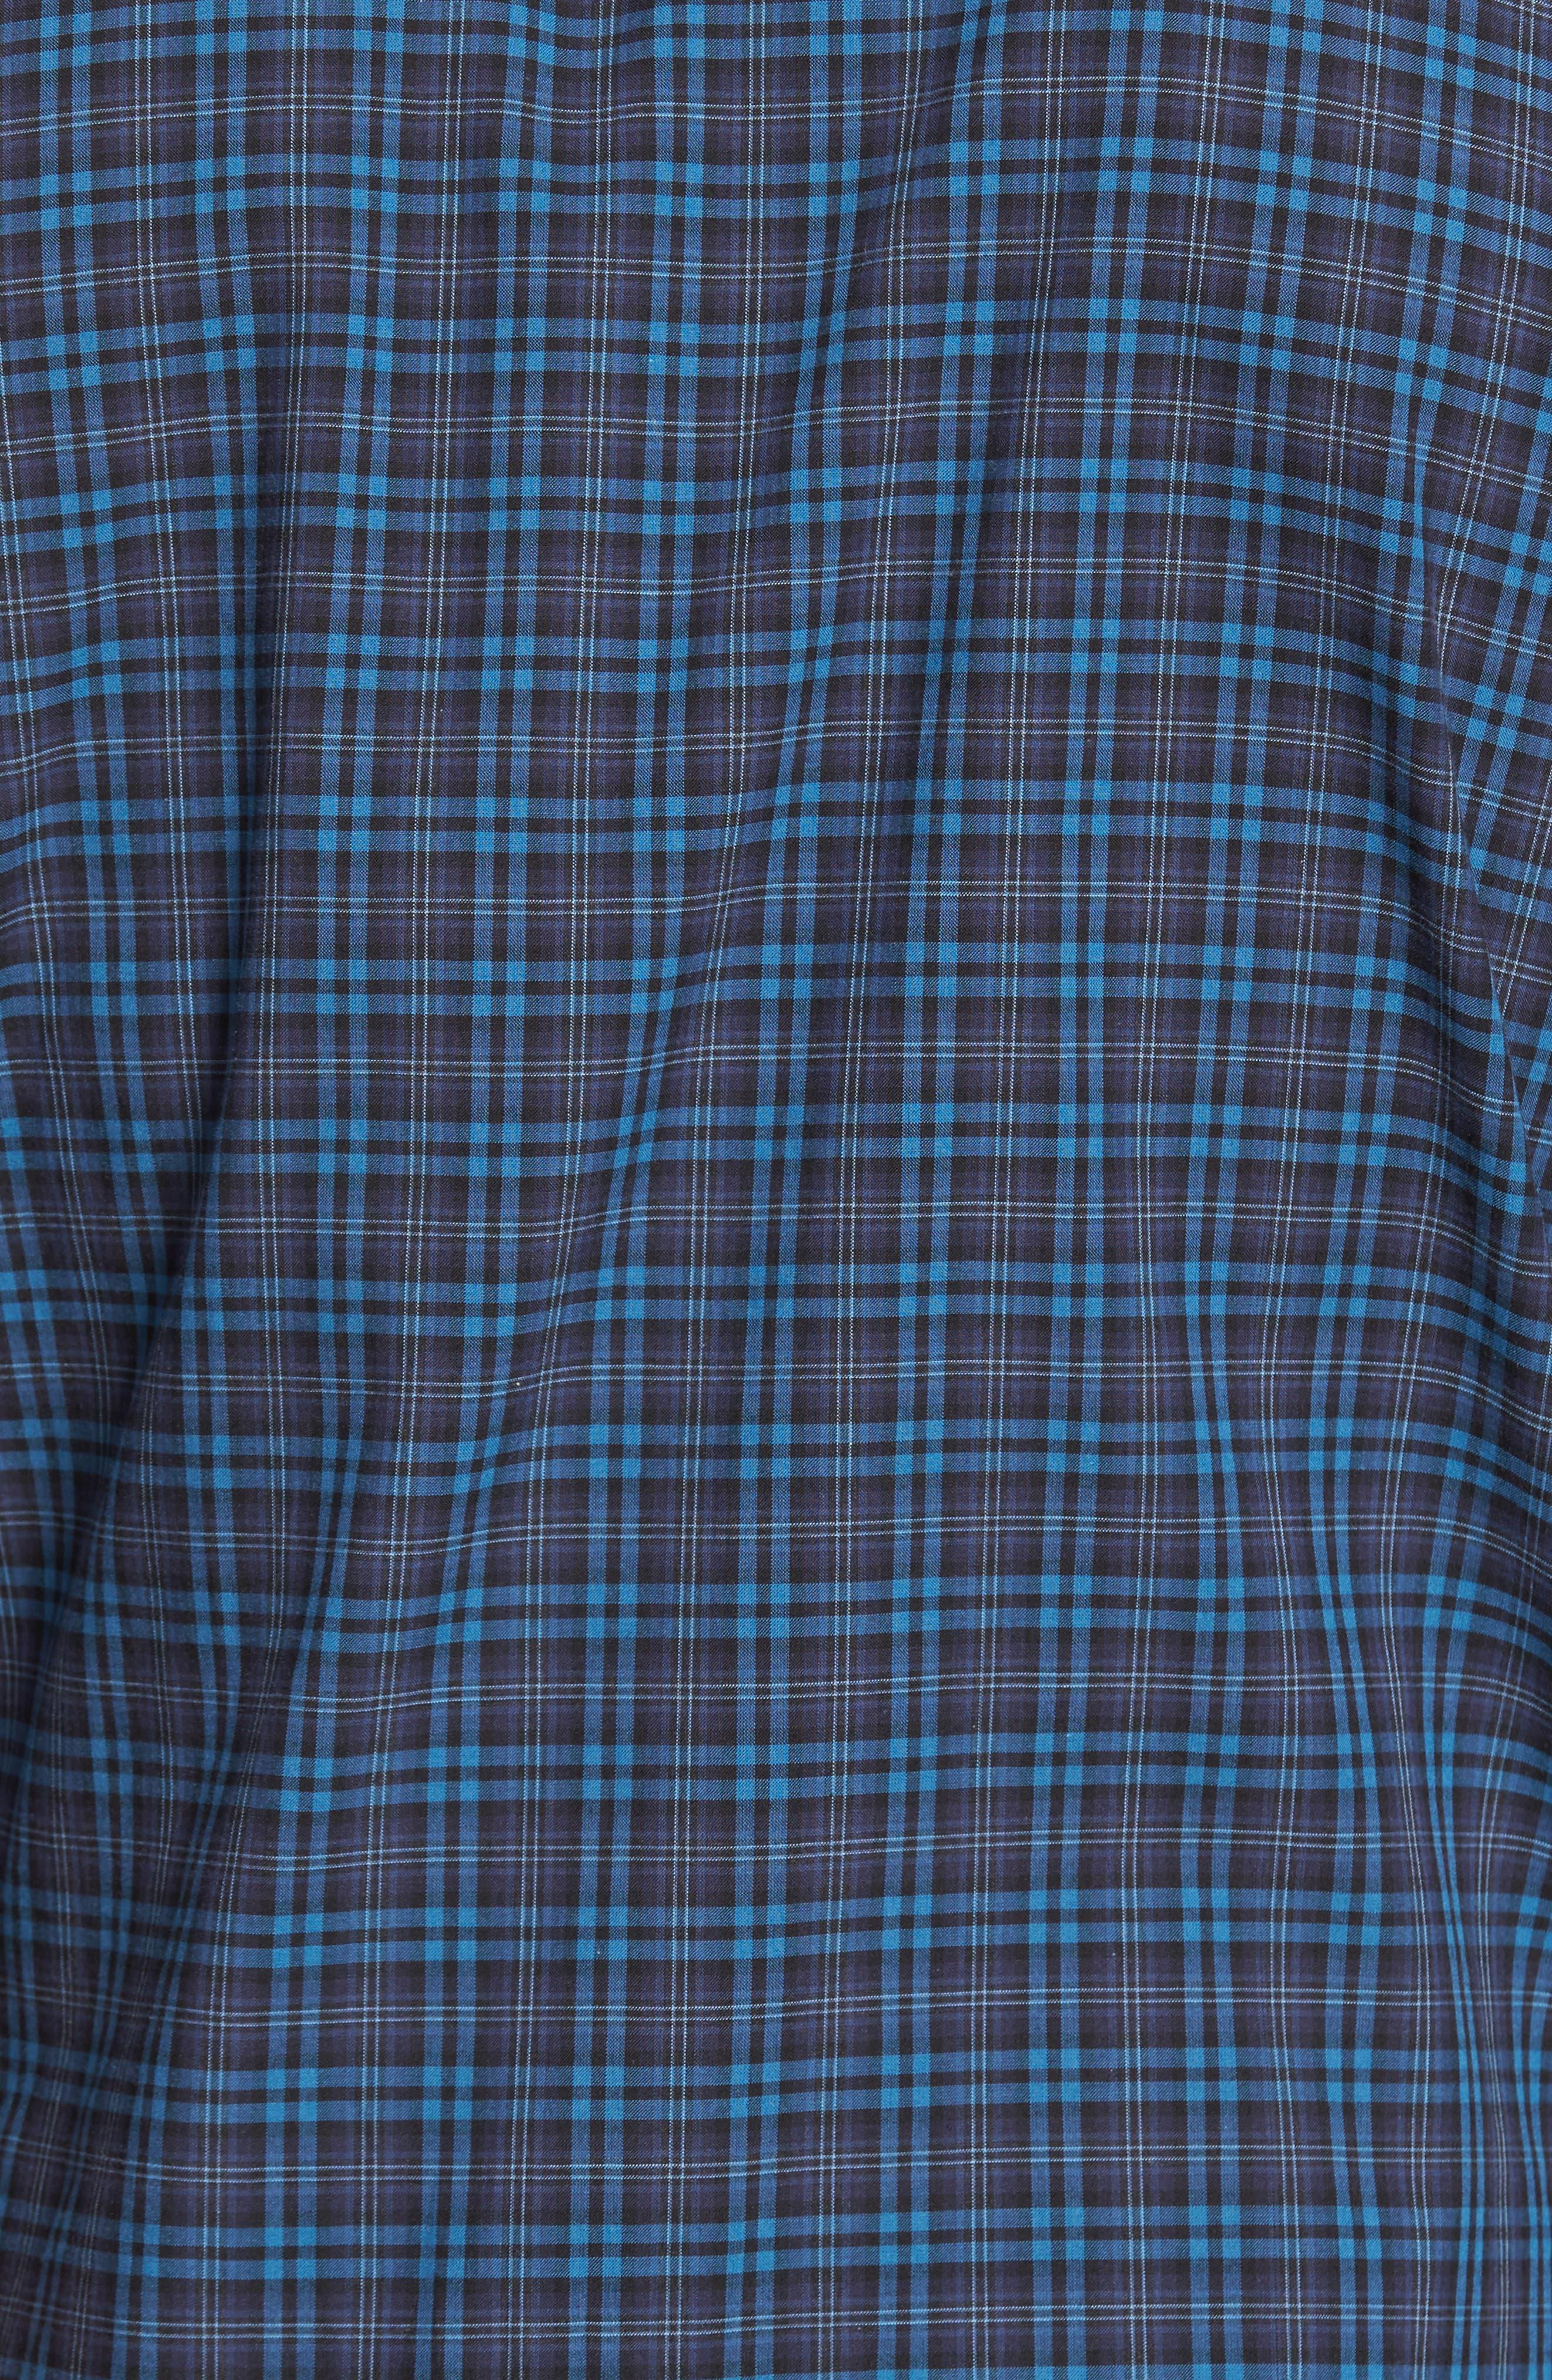 Adler Trim Fit Plaid Sport Shirt,                             Alternate thumbnail 2, color,                             402